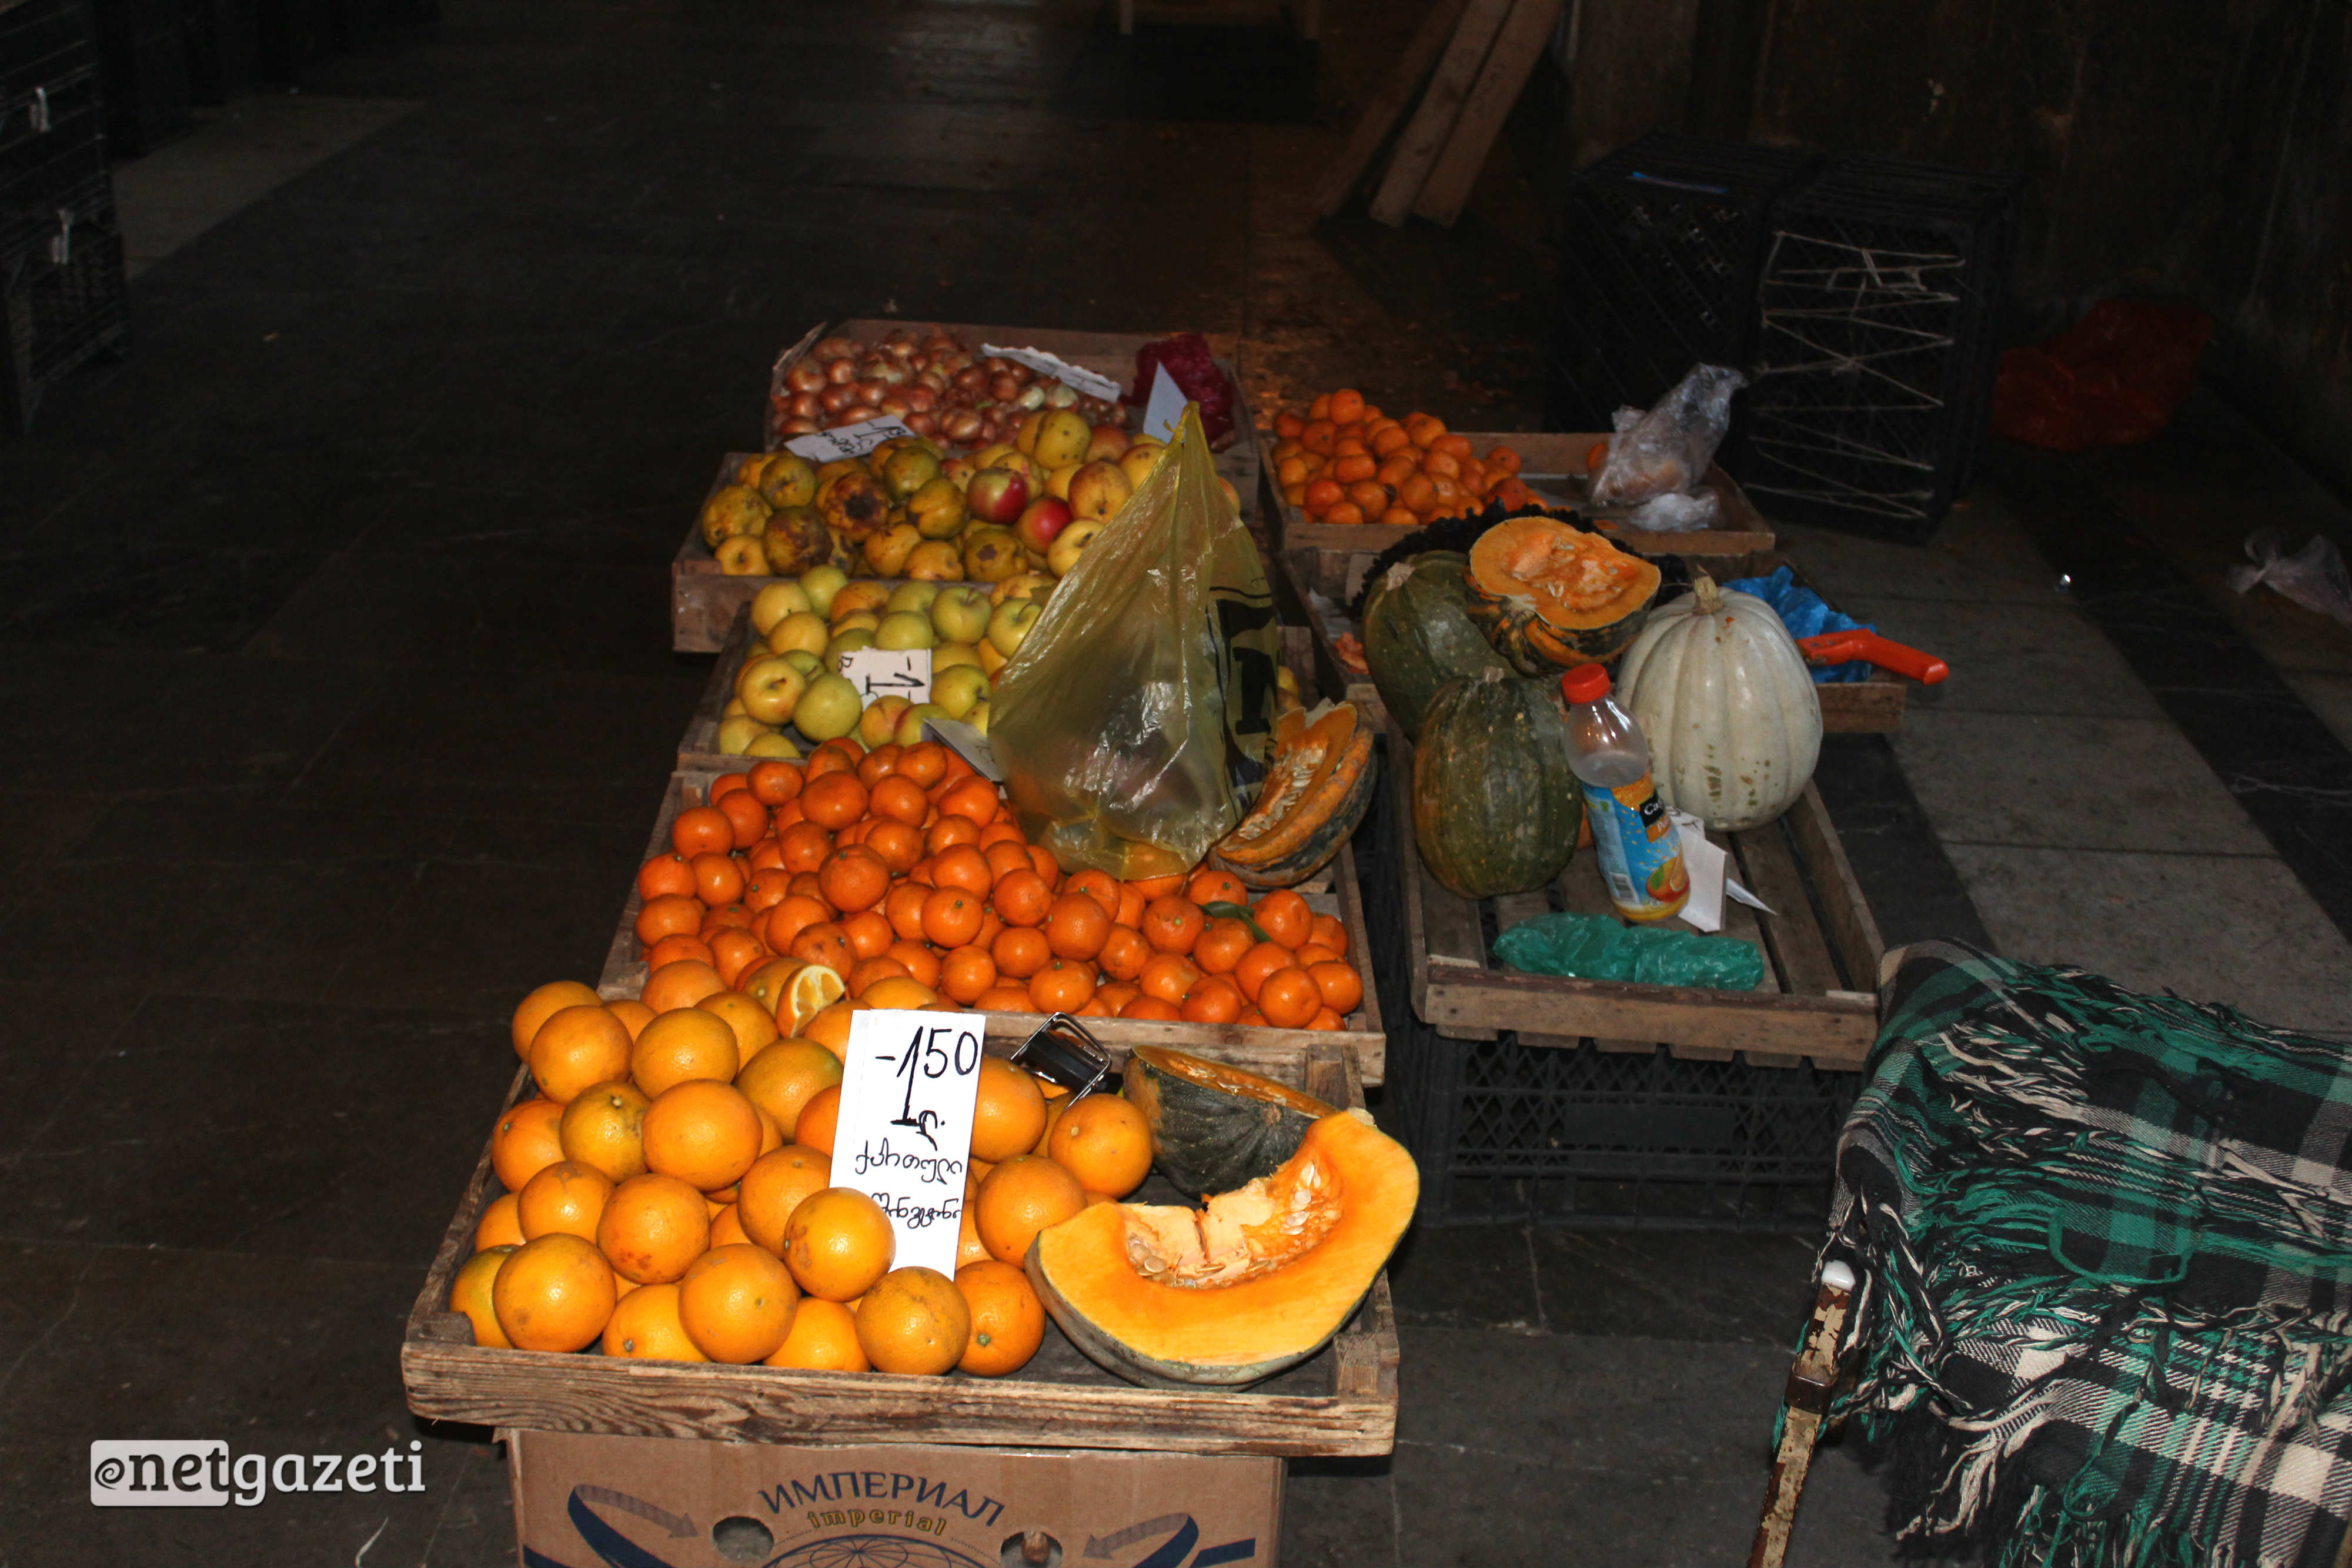 ხილი, თბილისის ცენტრალური ბაზარი. ფოტო: გიორგი დიასამიძე/ნეტგაზეთი